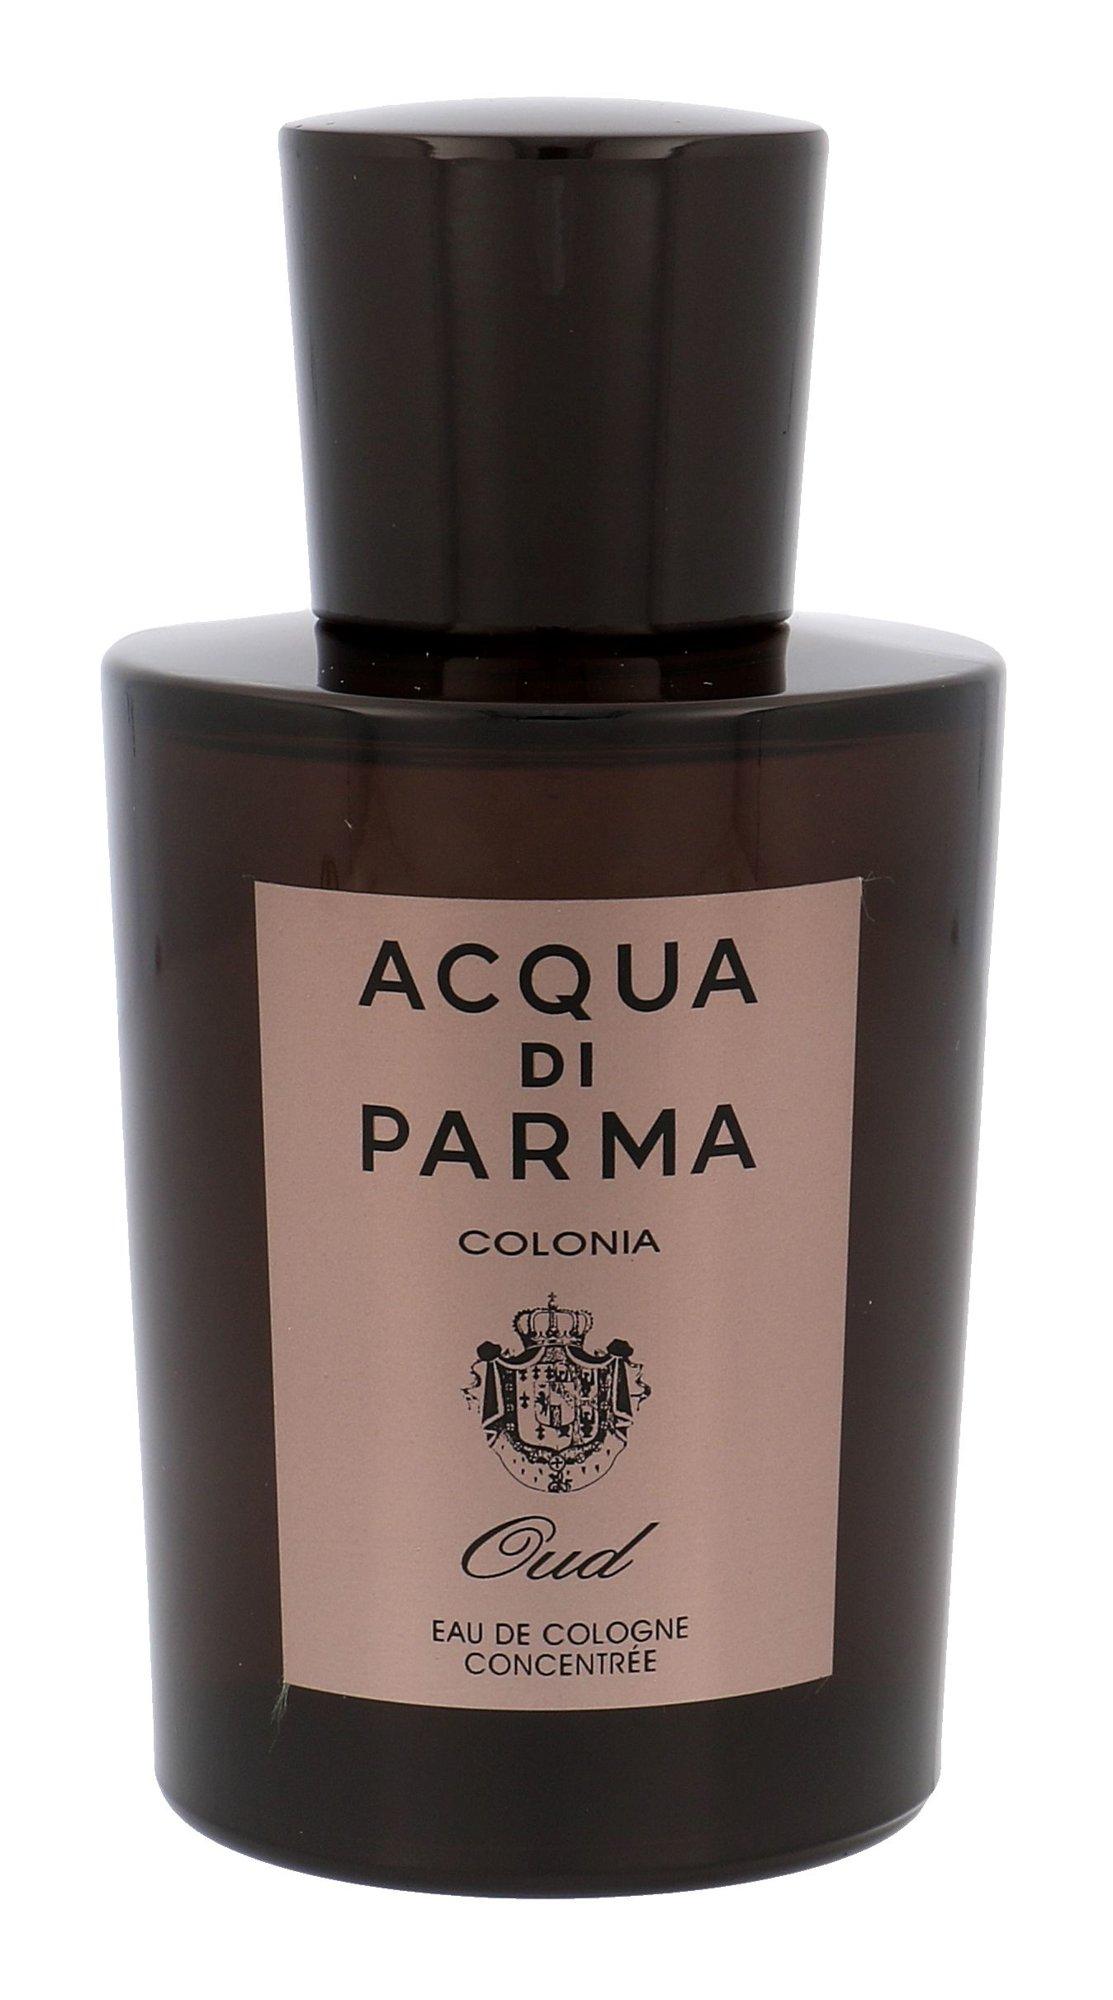 Acqua di Parma Colonia Oud Cologne 100ml